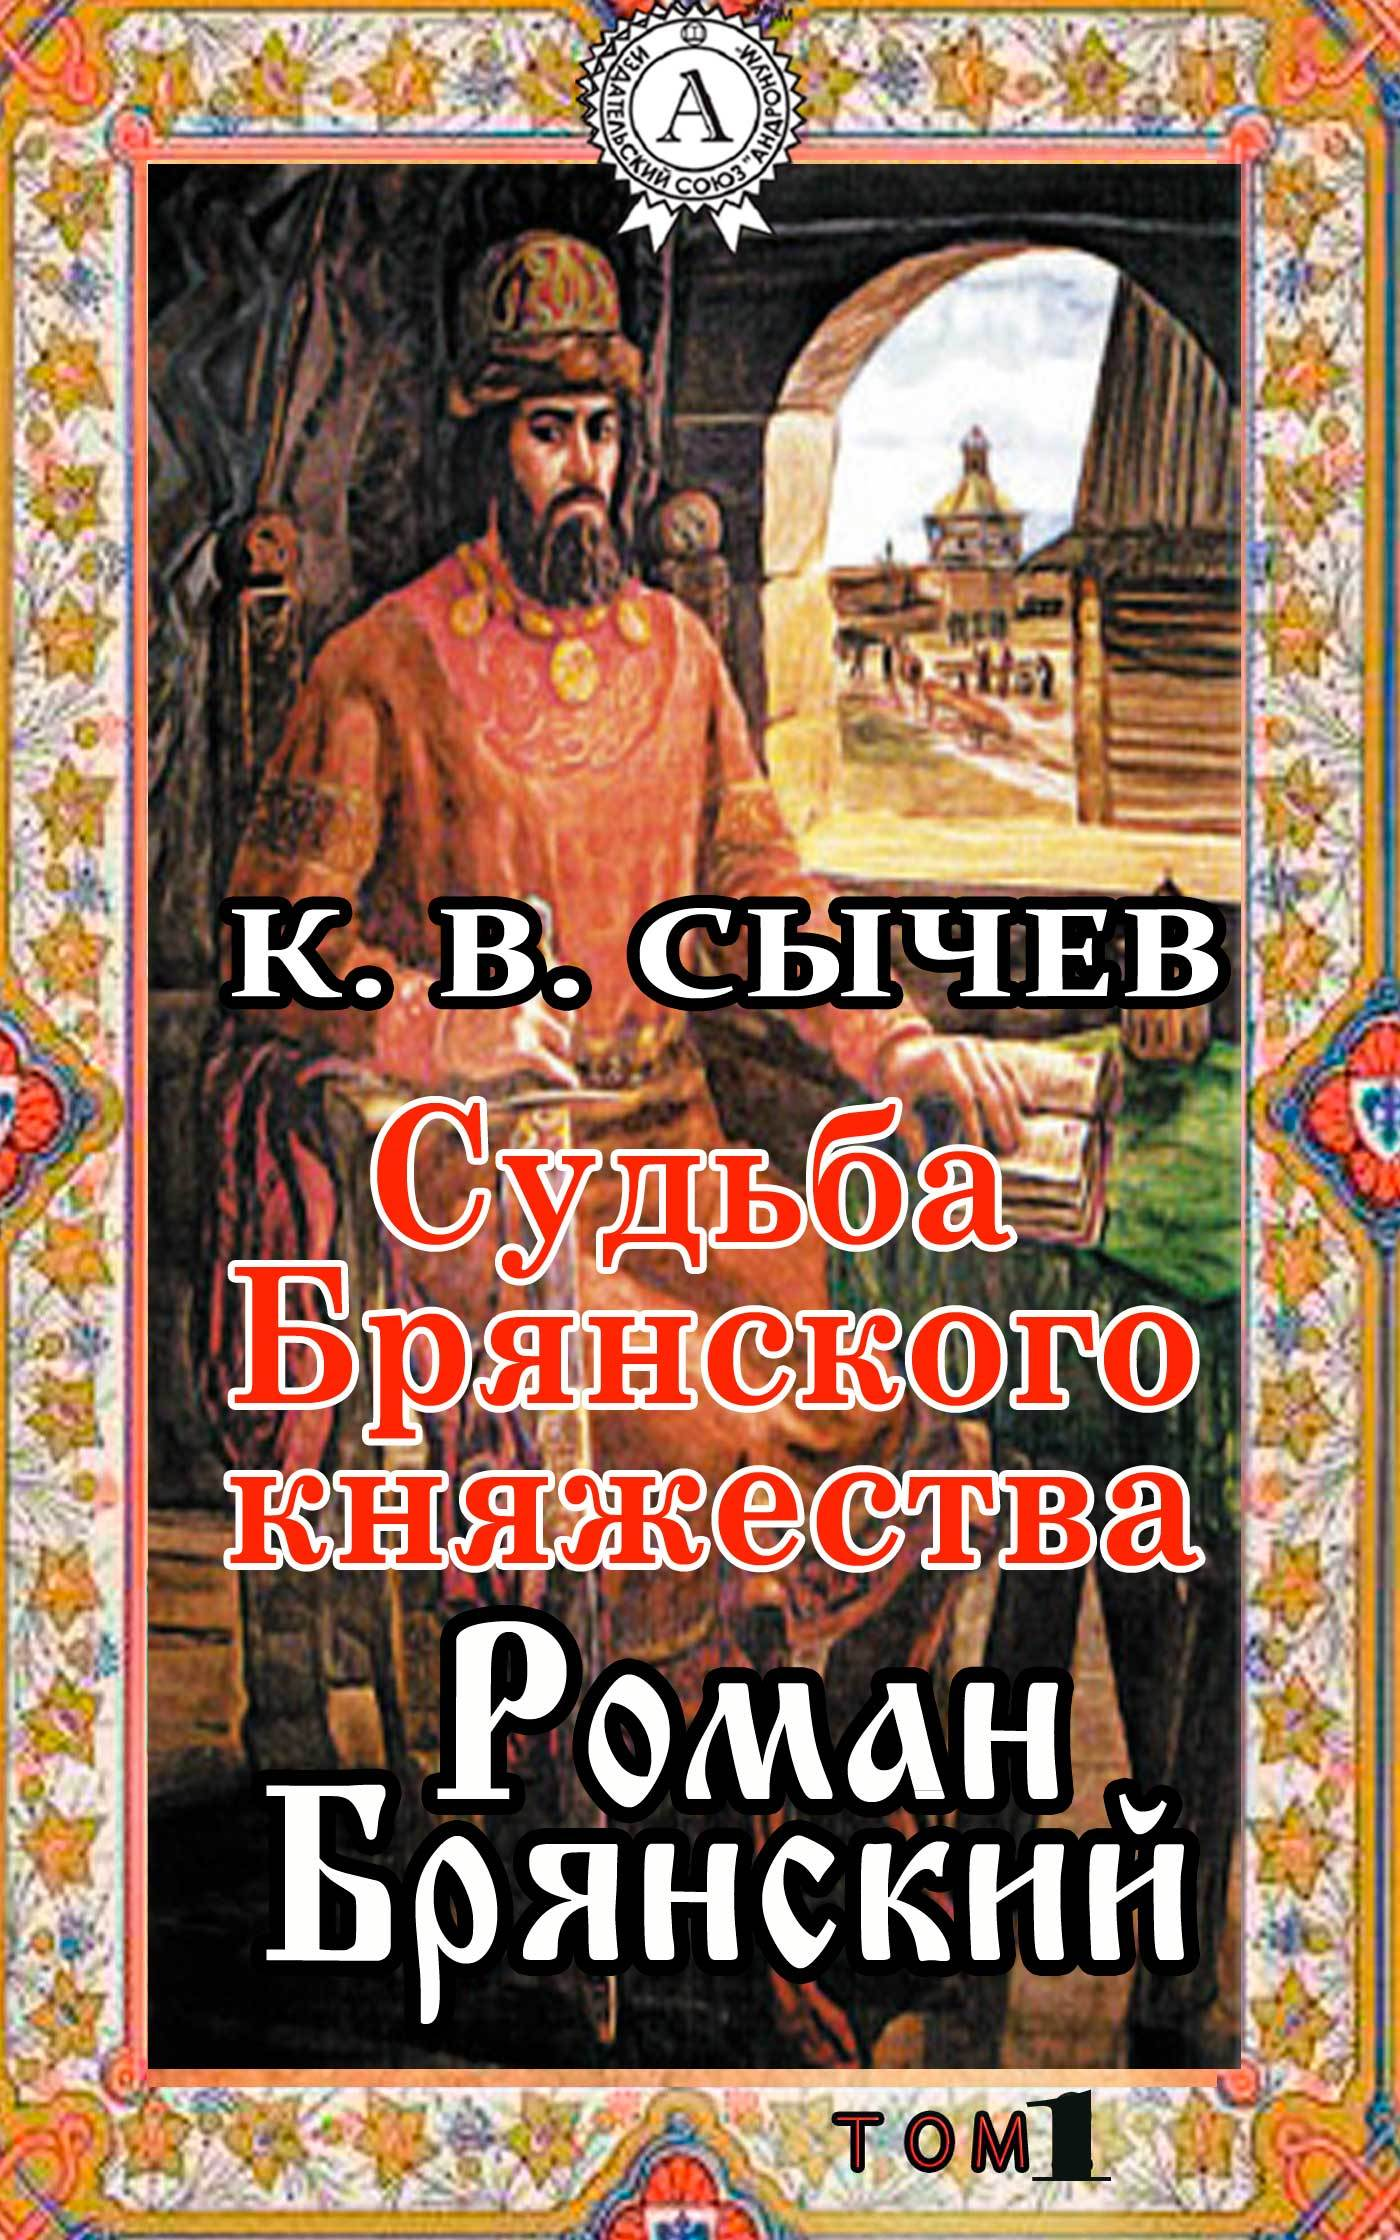 Сычев К. В. - Роман Брянский